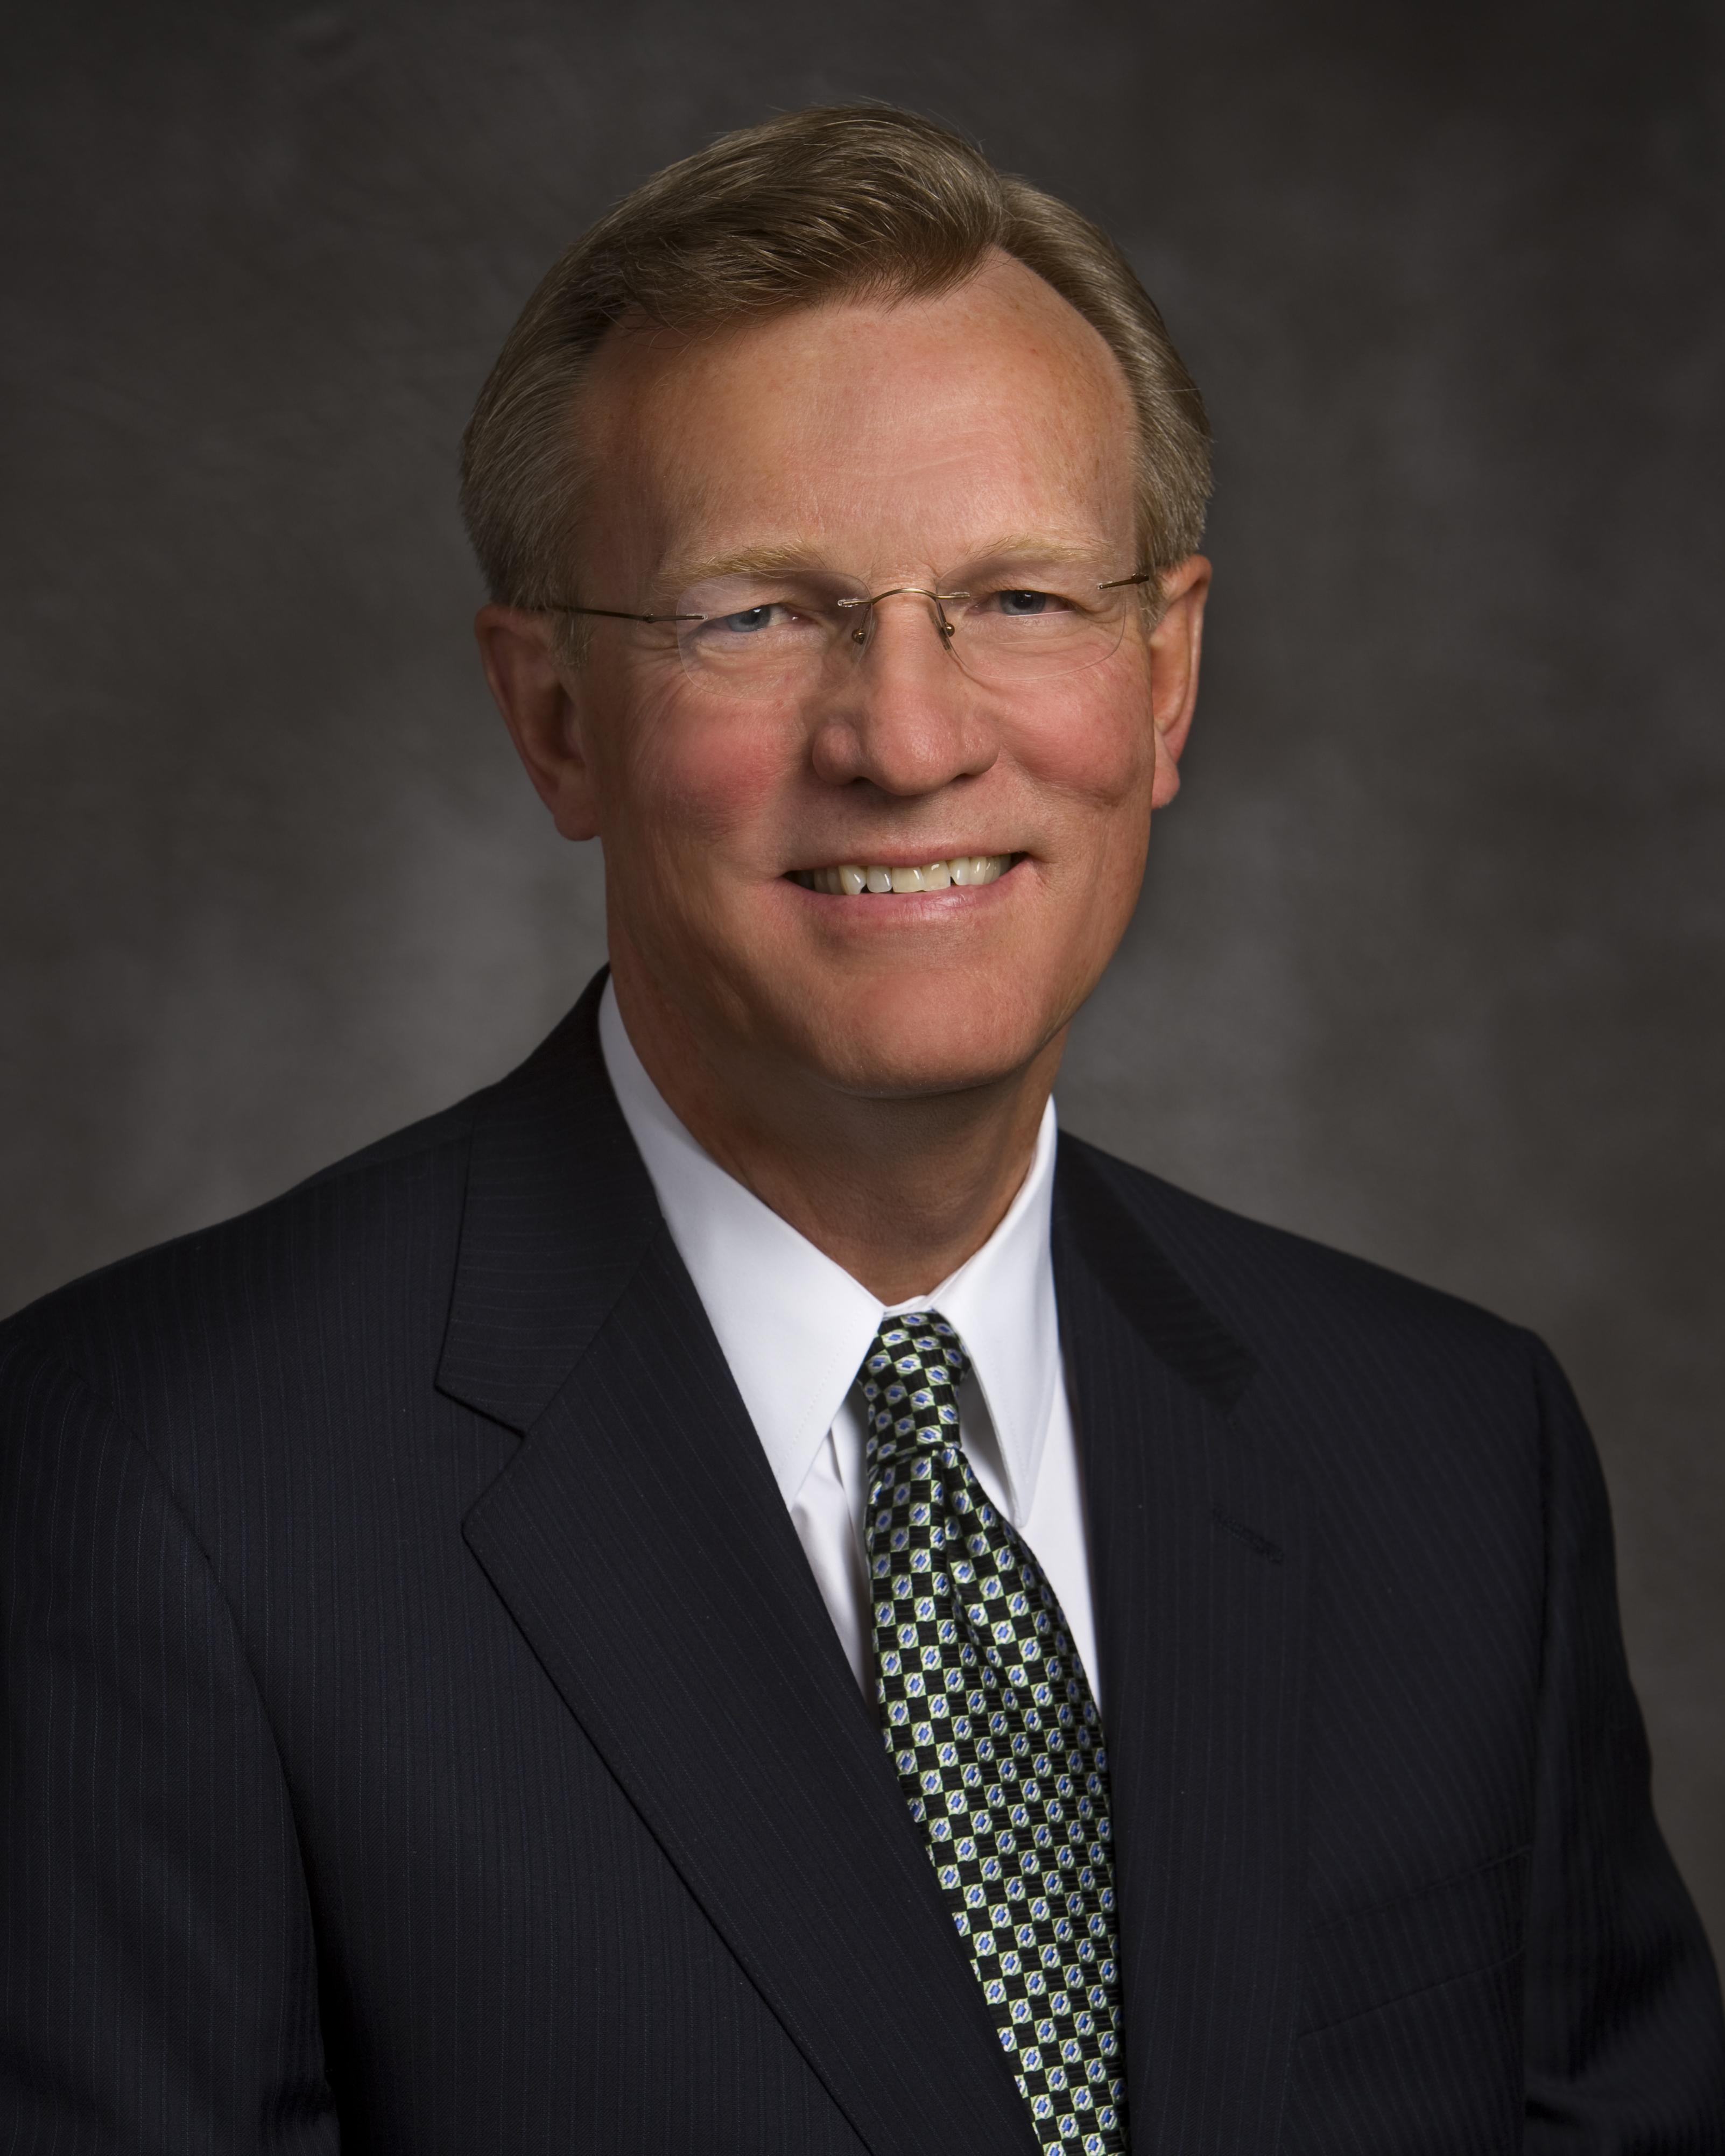 Elder Gregory A. Schwitzer, emeritus General Authority Seventy